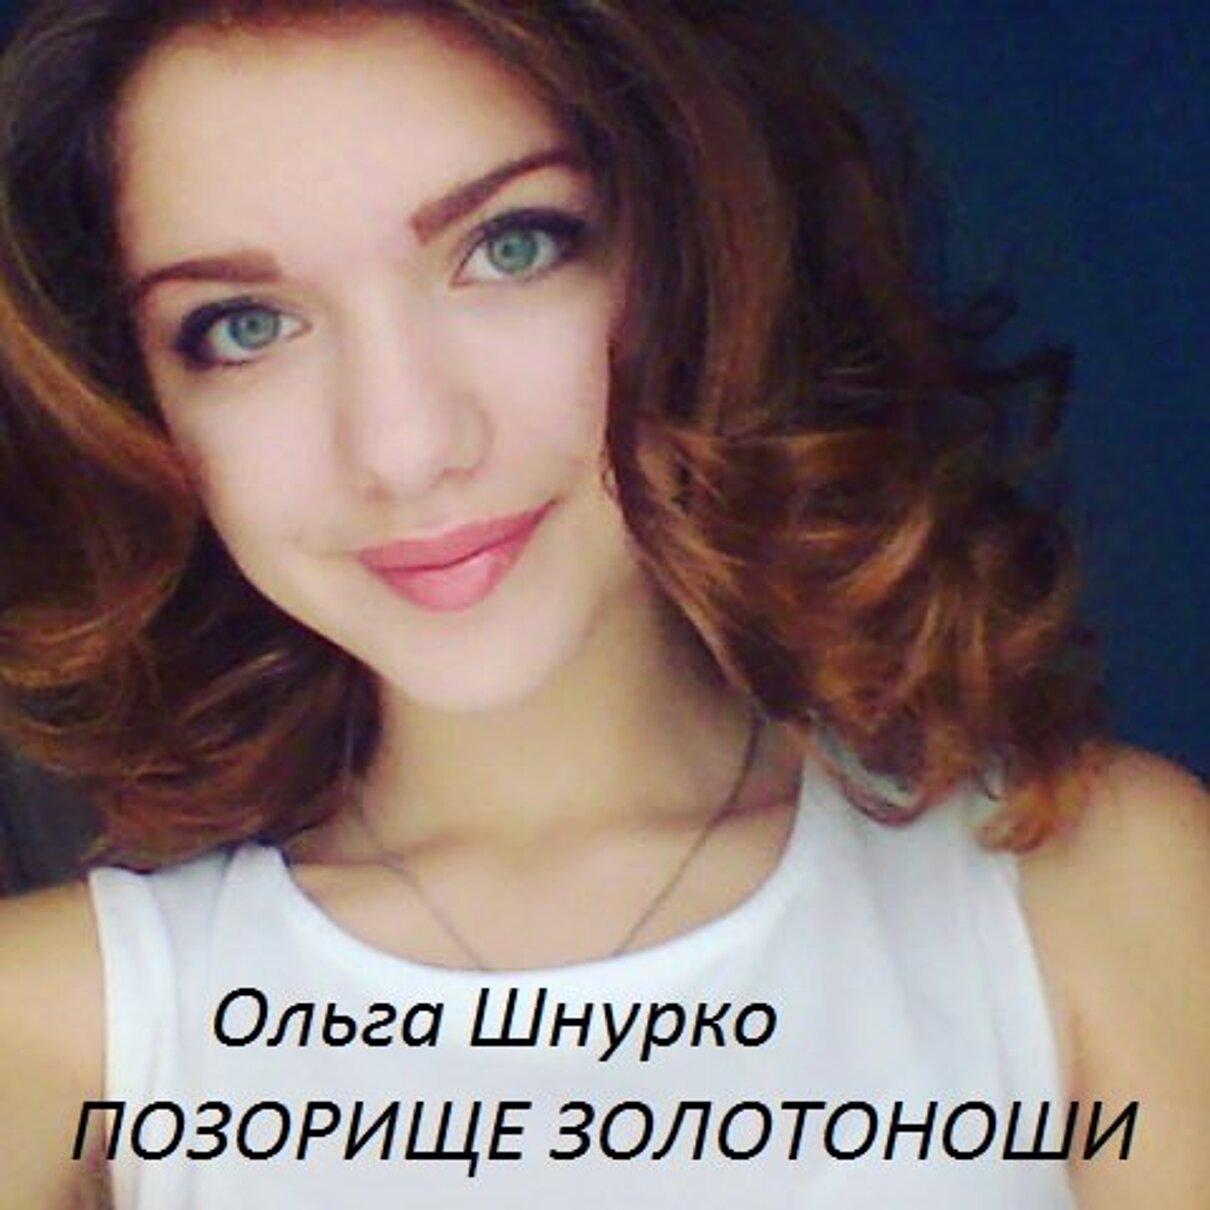 Жалоба-отзыв: Шнурко Ольга - Позорище Золотоноши.  Фото №1